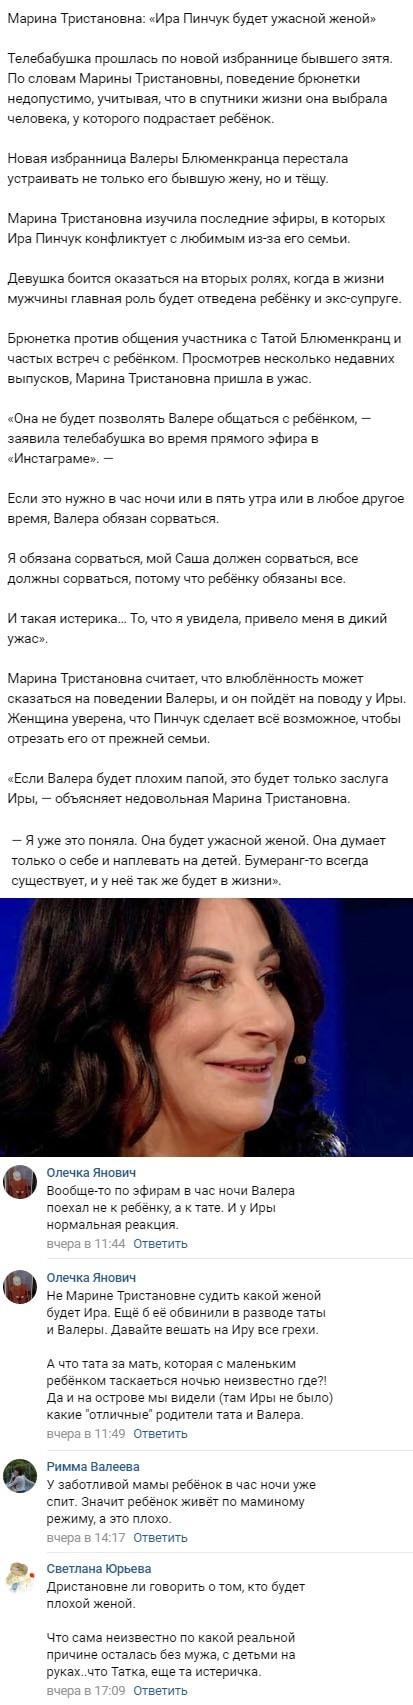 Марина Тристановна вышла из себя из-за Валерия Блюменкранца с Ириной Пинчук